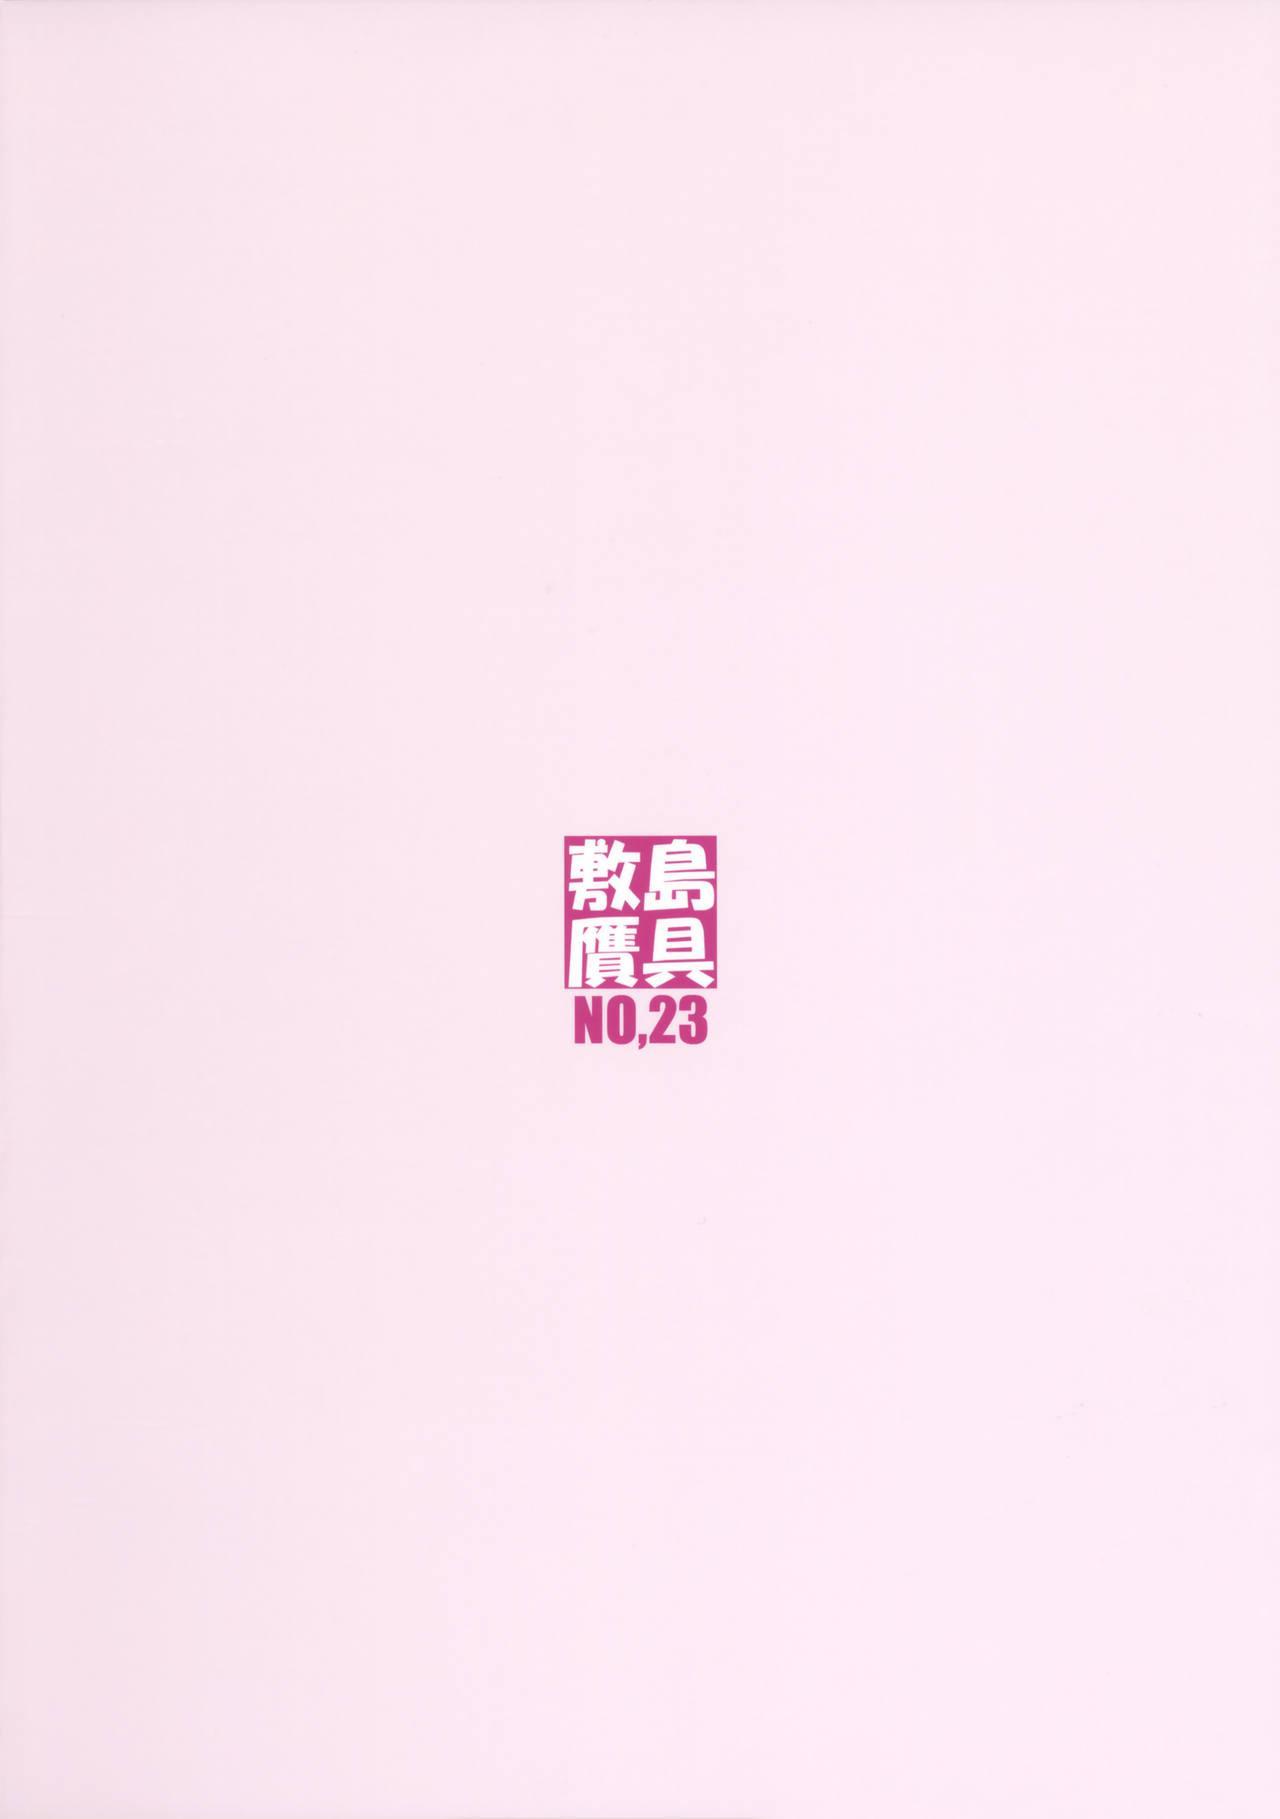 Noro Chizu Ⅲ 41